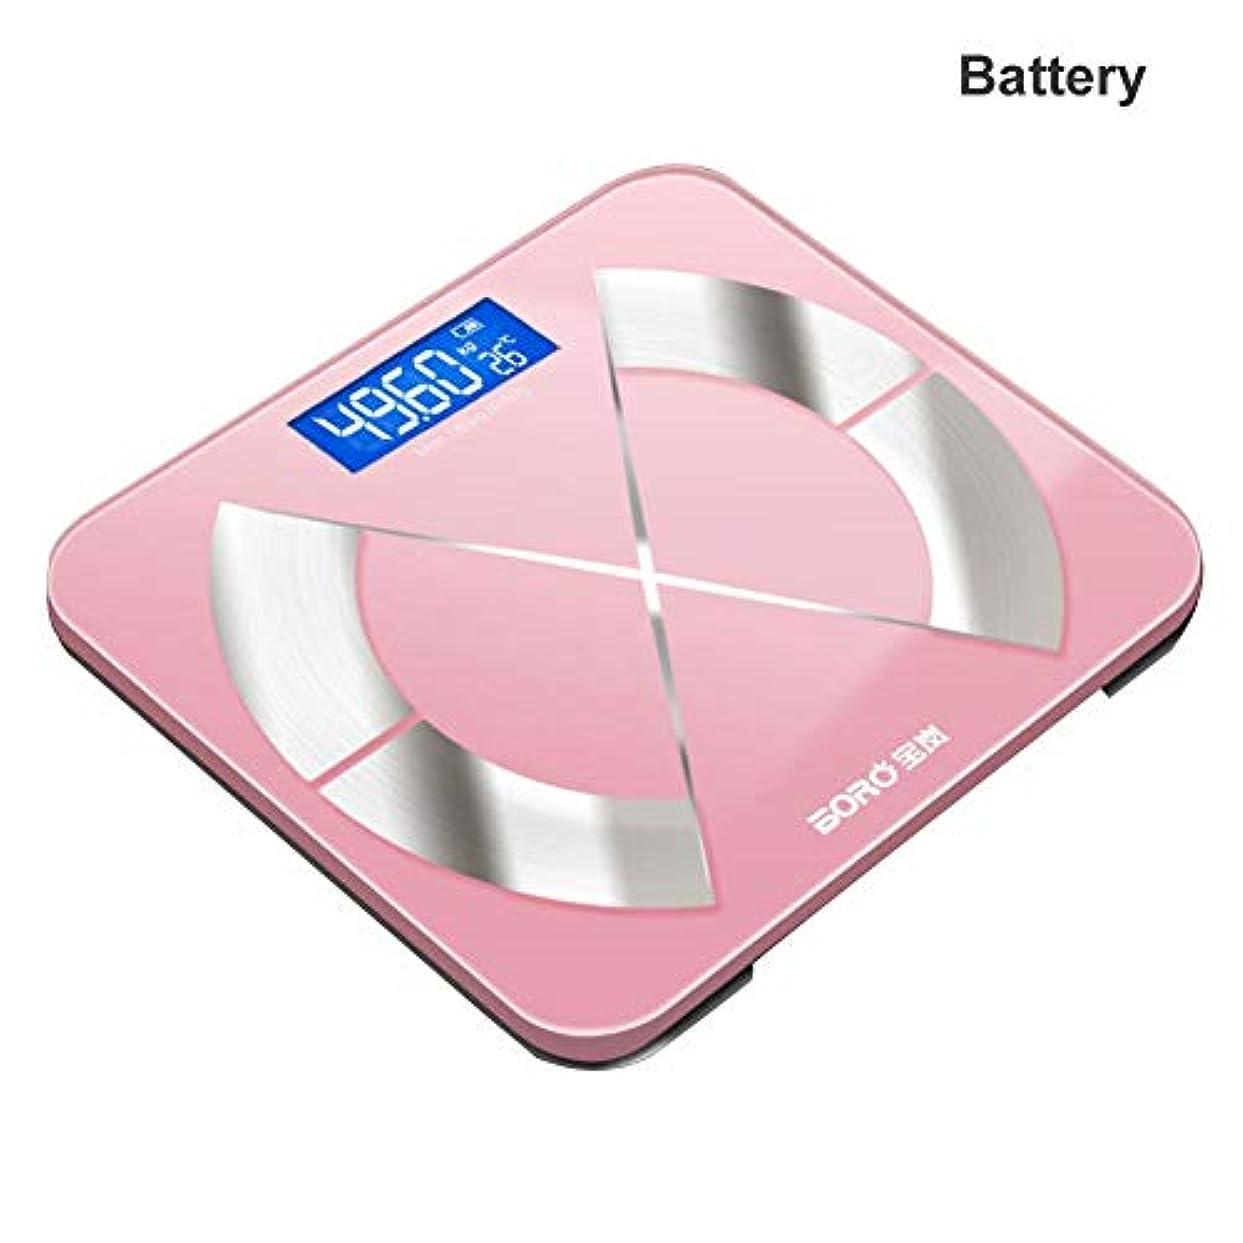 中傷りものBluetoothの体脂肪計電子スケールの脂肪は、家庭用の体は大人のスマートスケールが体重計本体を正確なスケールスケール (電池)